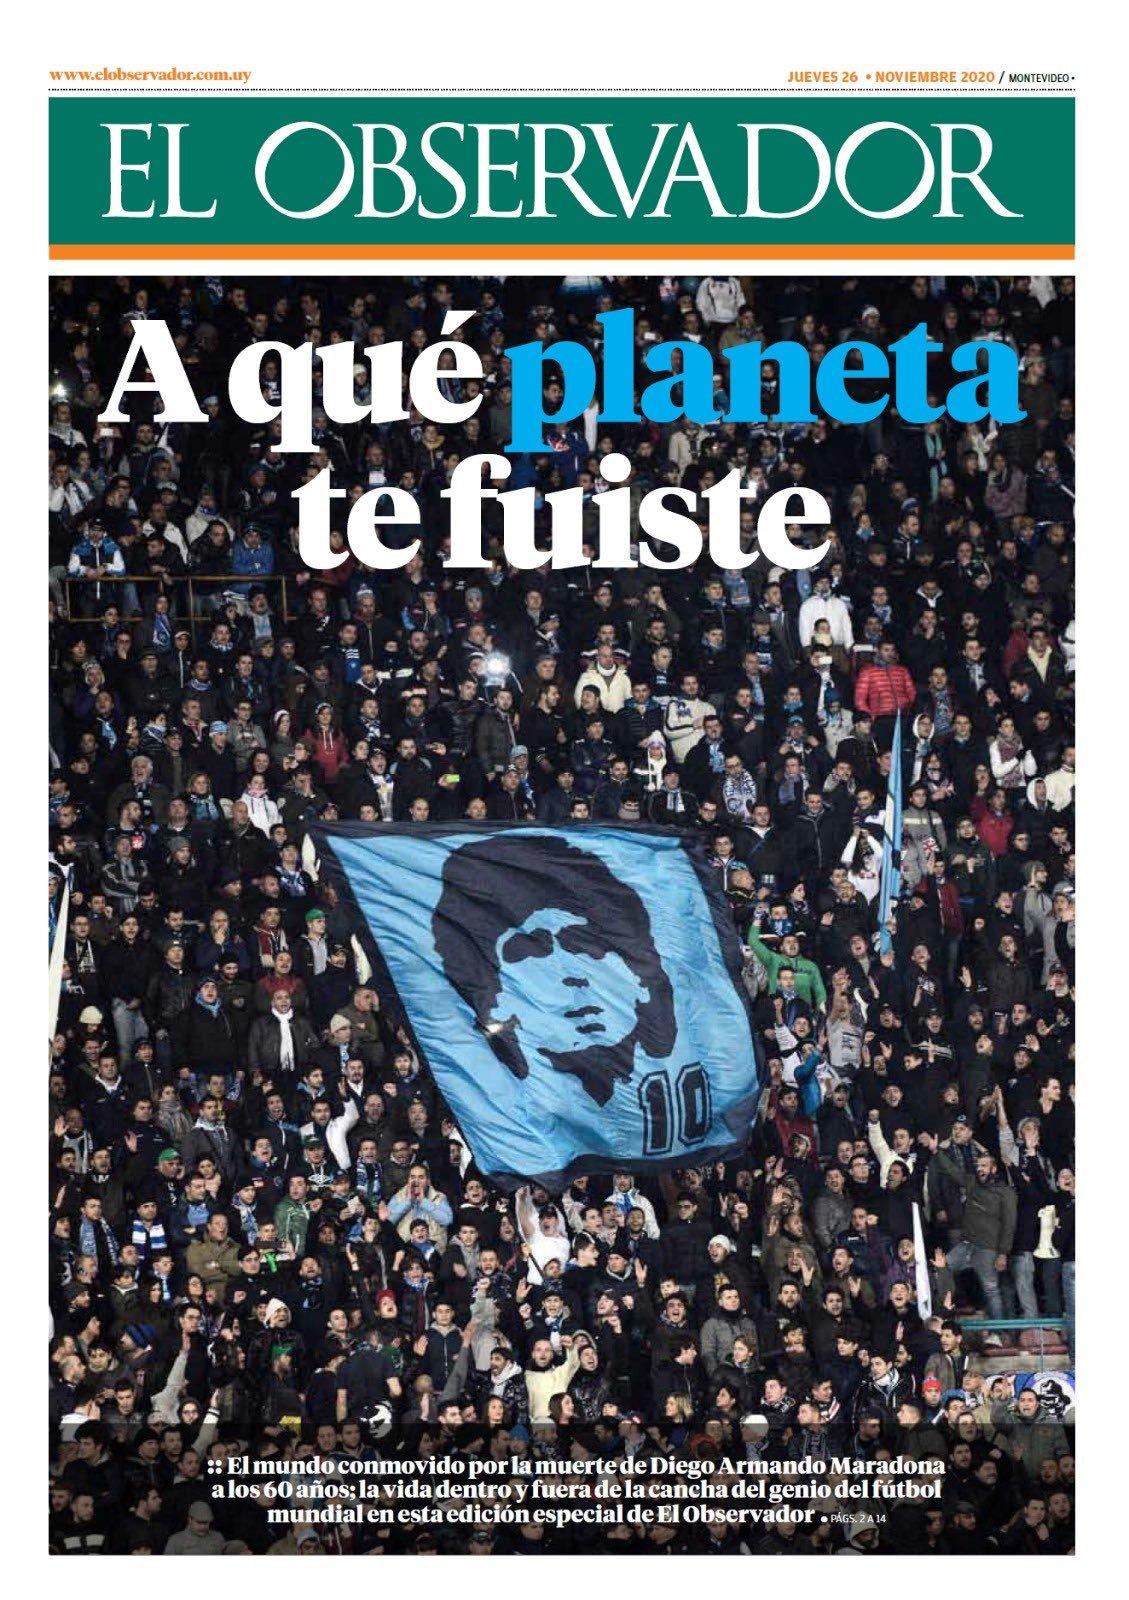 Fallece Diego Armando Maradona al sufrir un paro cardíaco  16063472288883